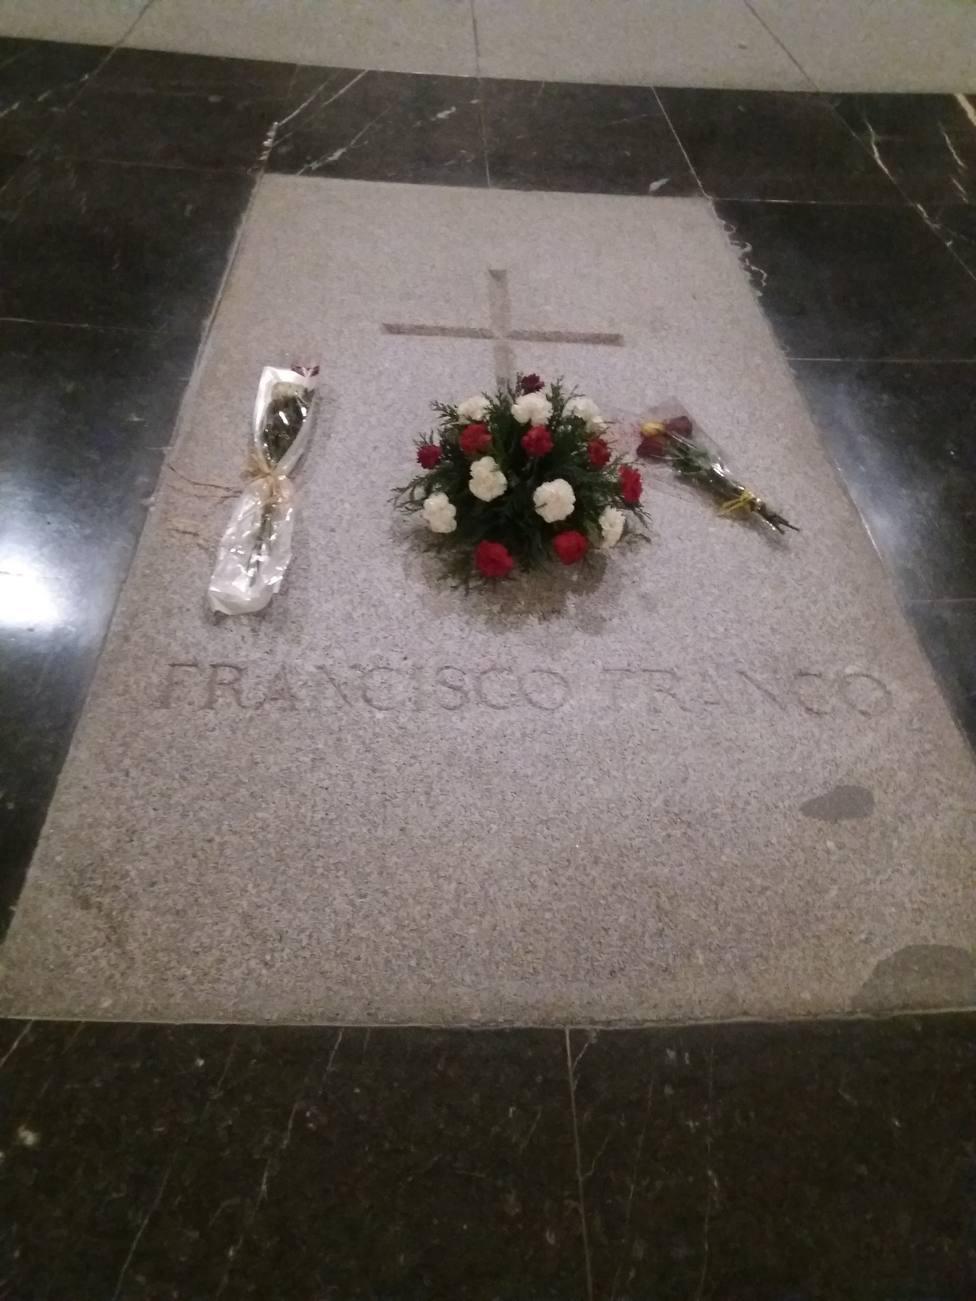 El director del operativo de la exhumación de Franco: Es complicada pero no difícil, esperamos hacerlo en una hora